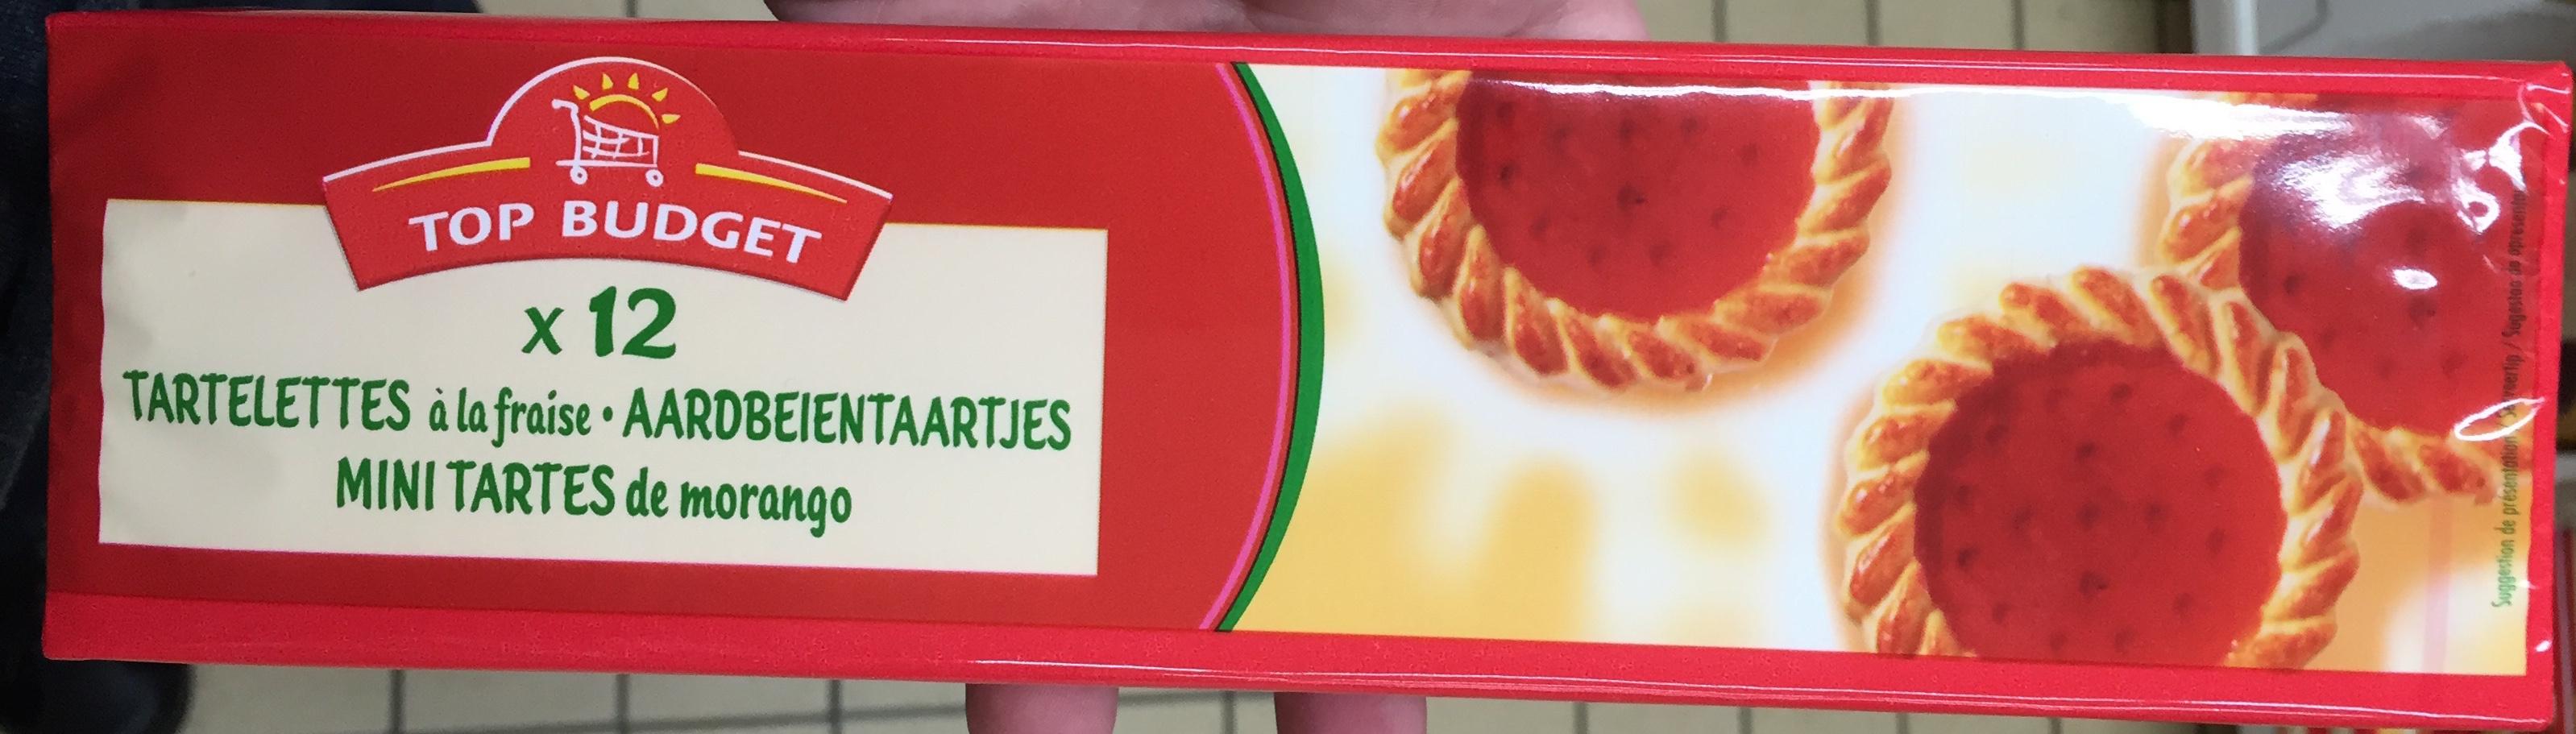 Tartelettes à la fraise - Produit